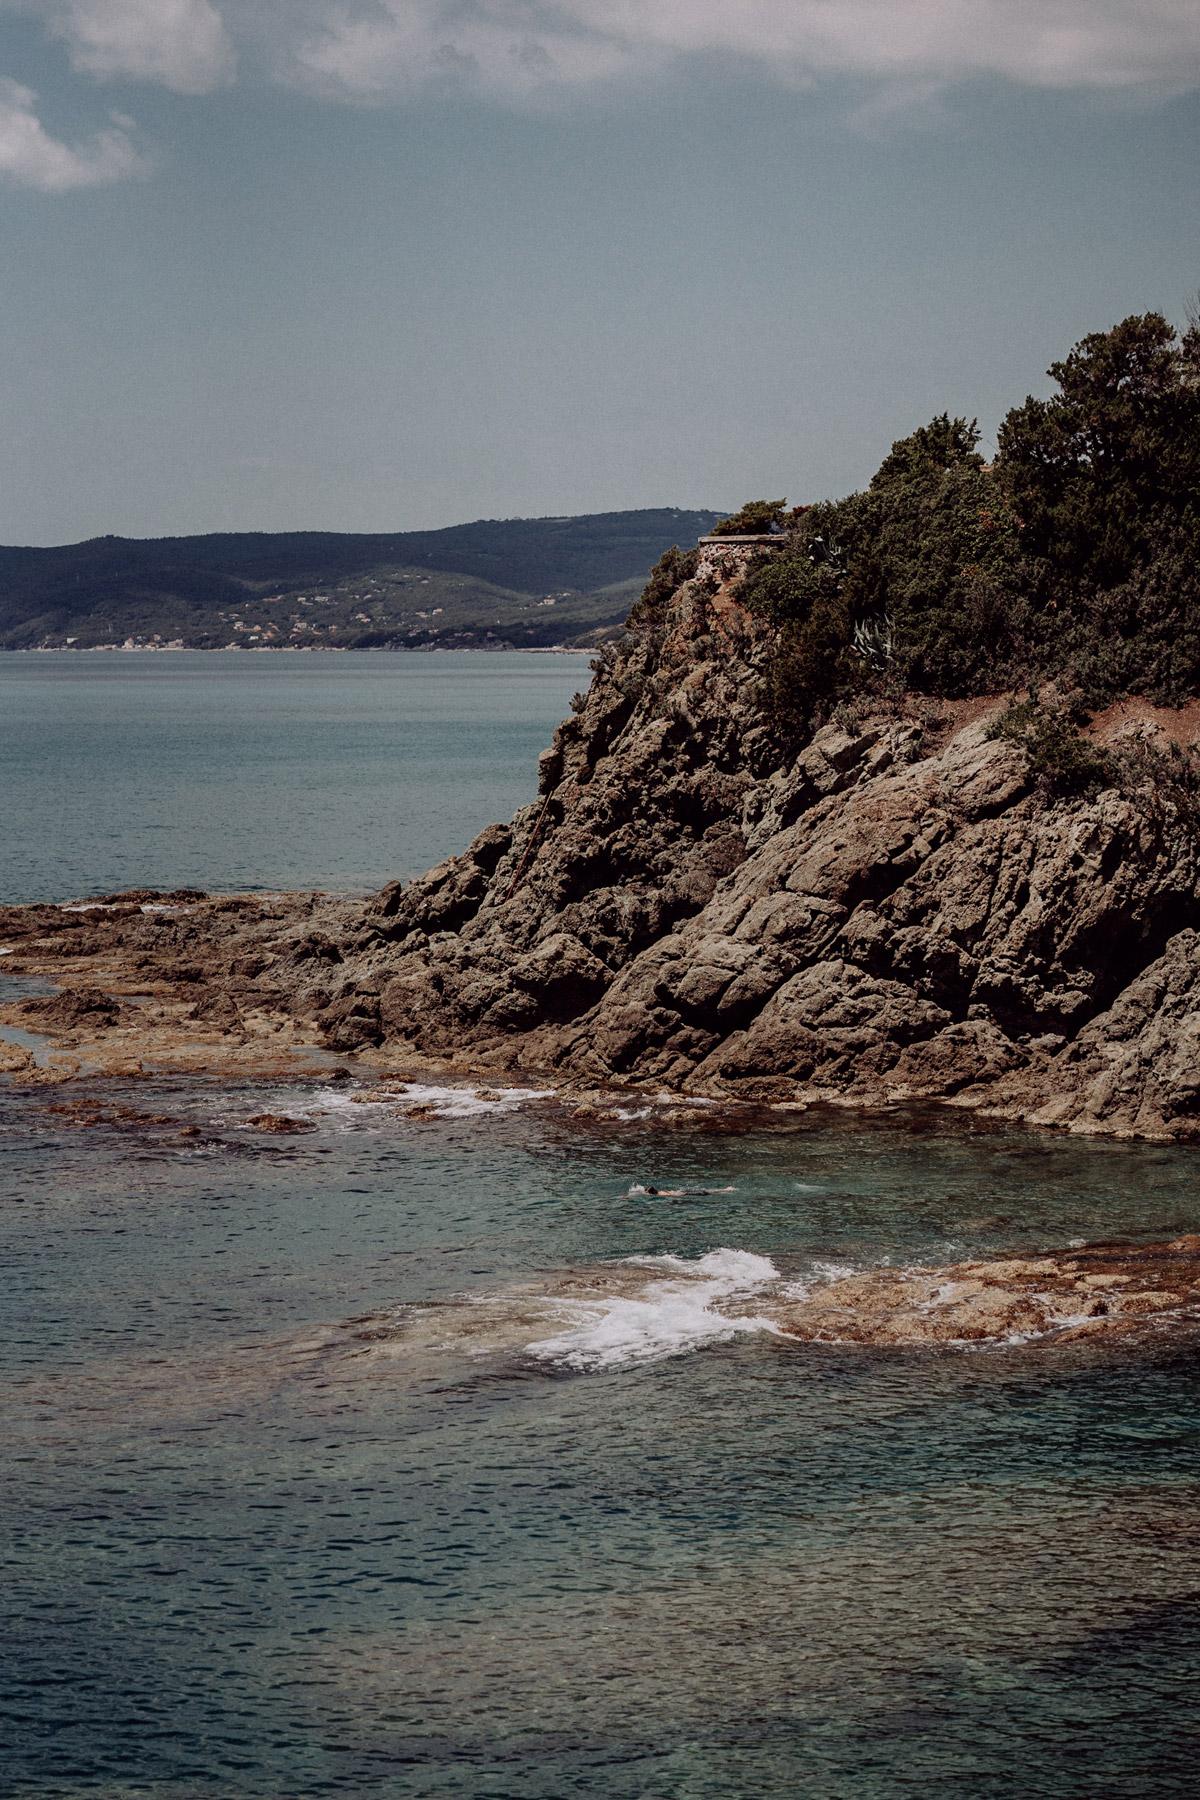 Strandhochzeit, maritime Hochzeitsfeier, Hochzeit am Meer, Toskana Hochzeitsfoto von Küste in Italien am Morgen des Hochzeitstages #hochzeitslicht © www.hochzeitslicht.de #strandhochzeit #italien #hochzeit #meer